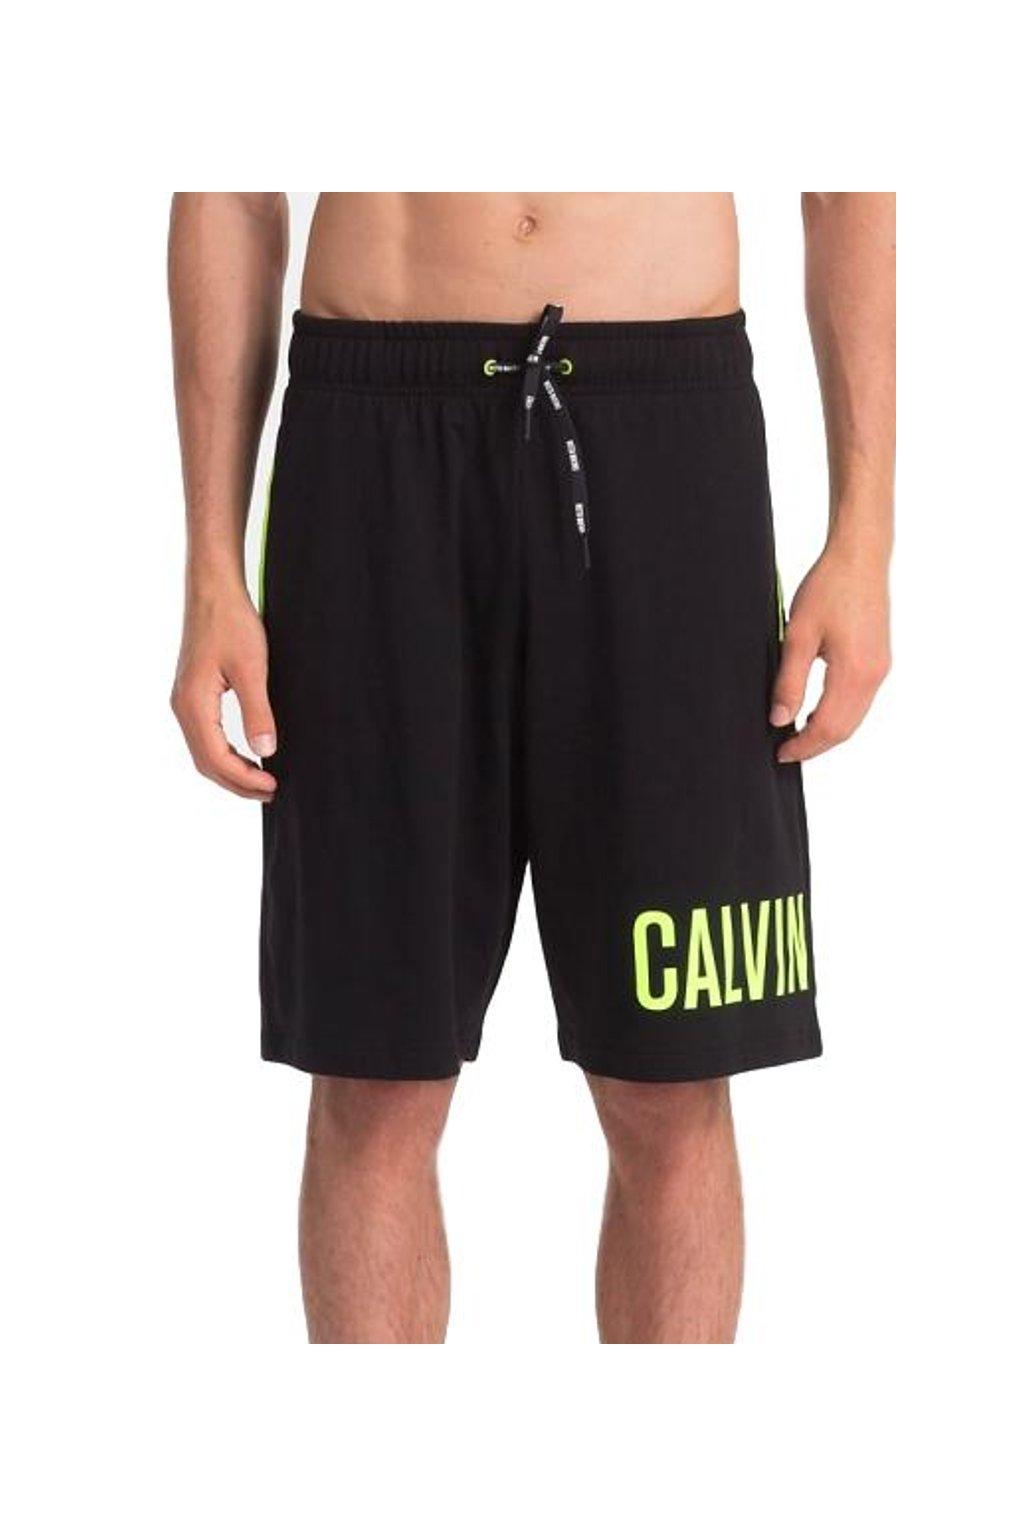 Calvin Klein jersey šortky - černé s nápisem